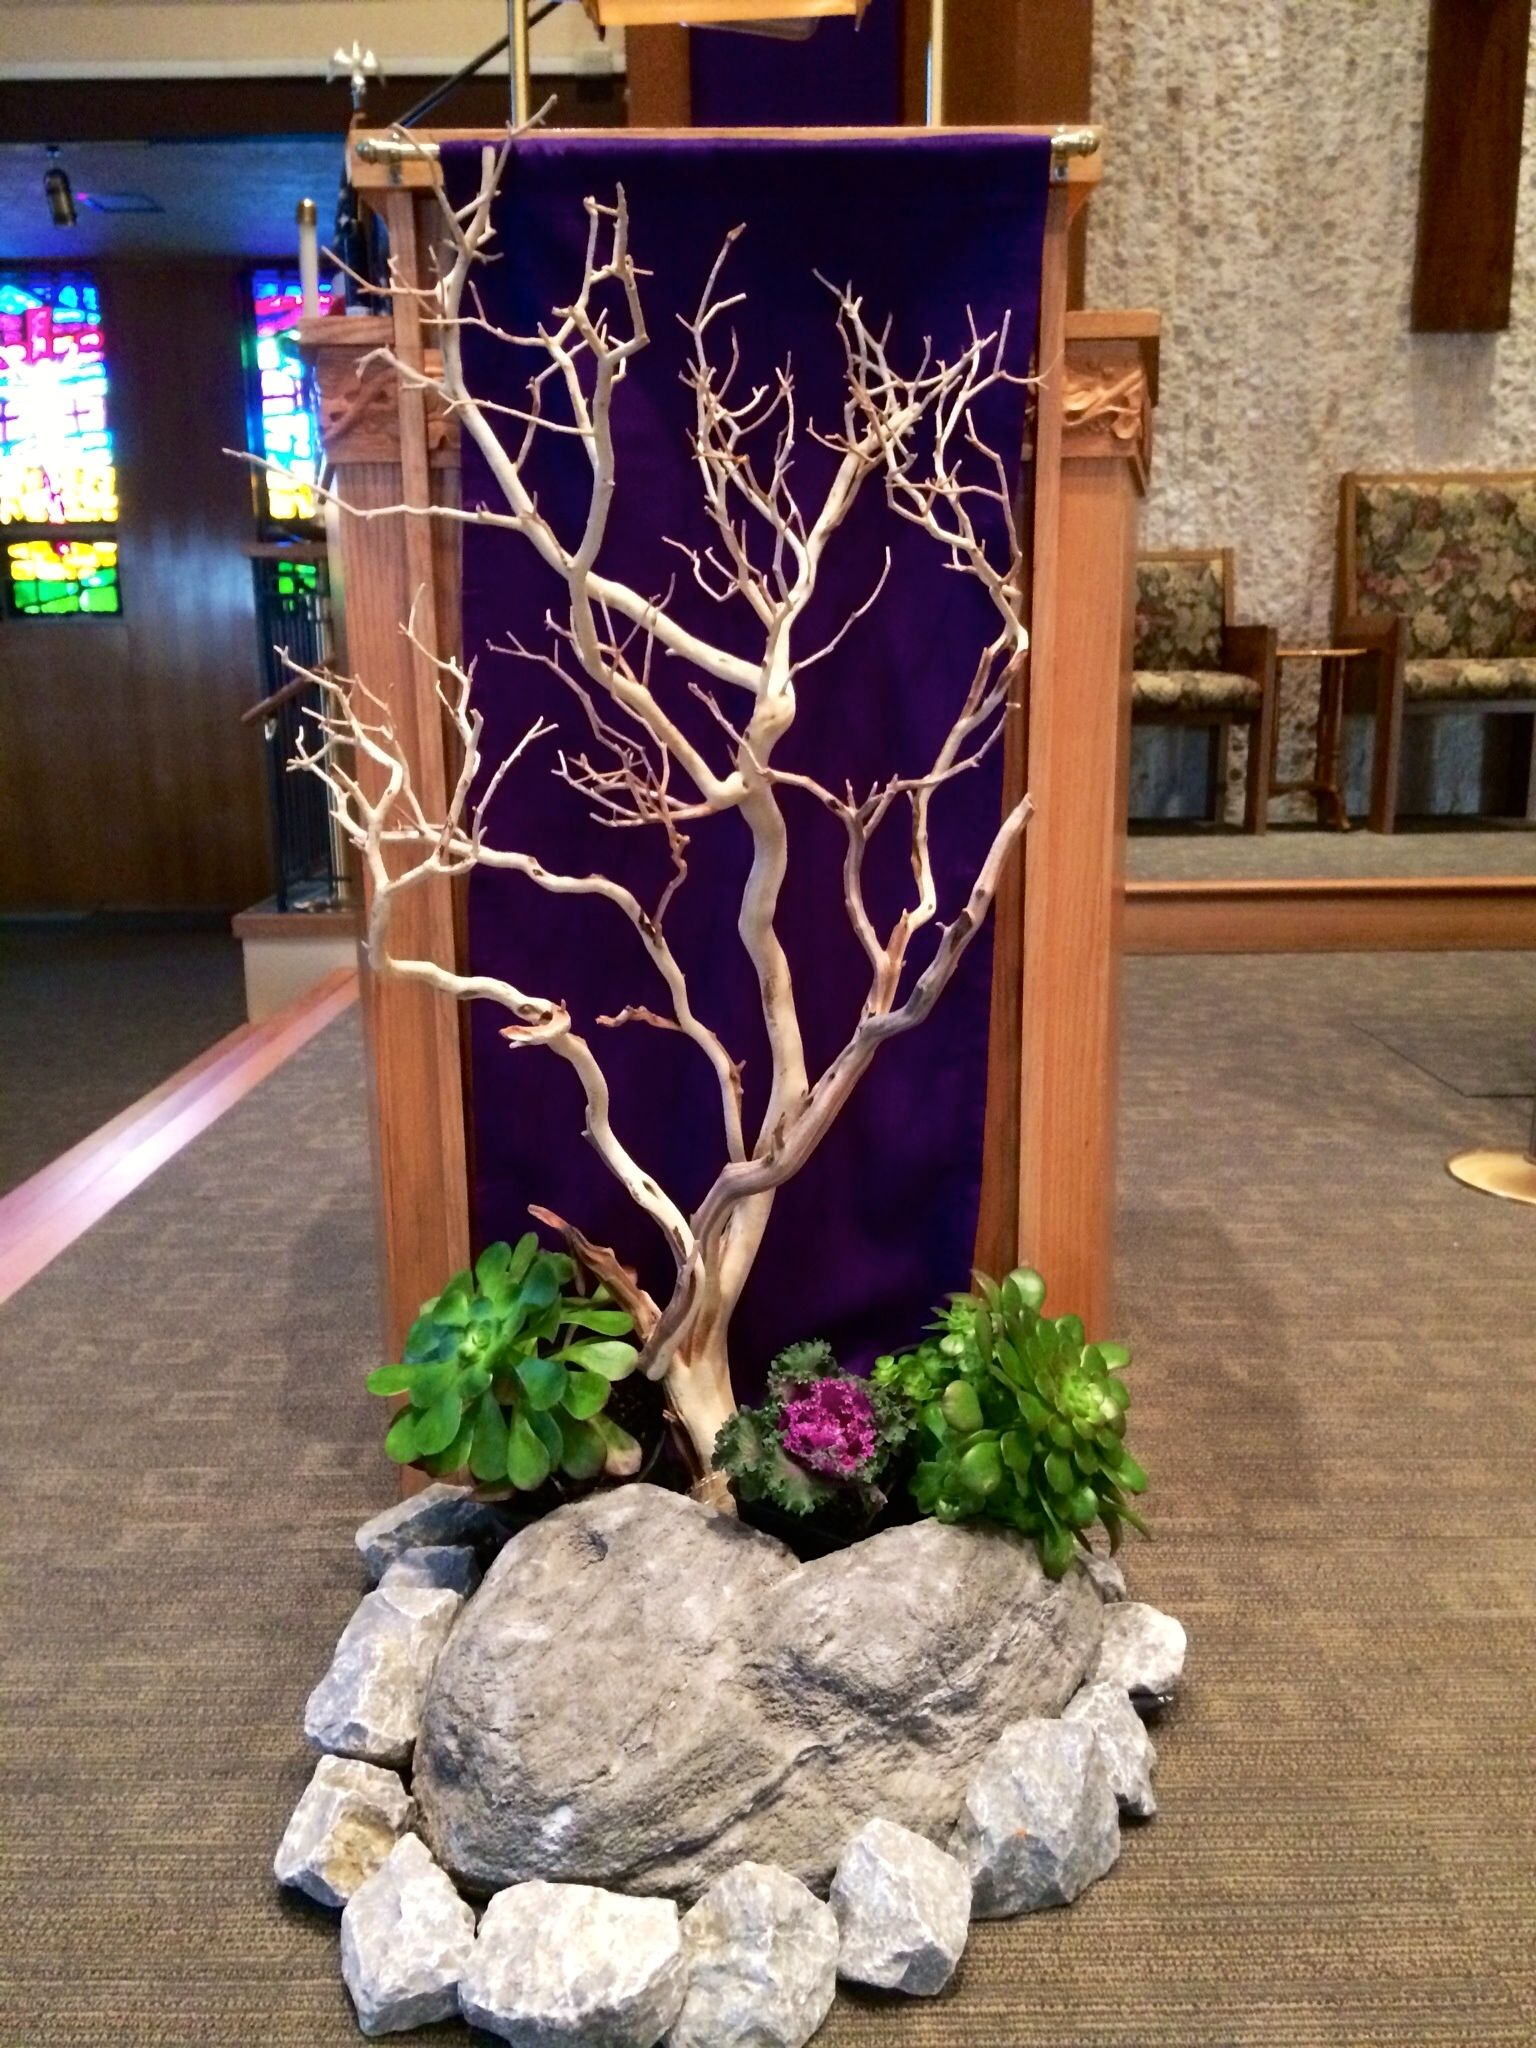 Holy spirit church lent 2014 church decor pinterest for Altar decoration ideas